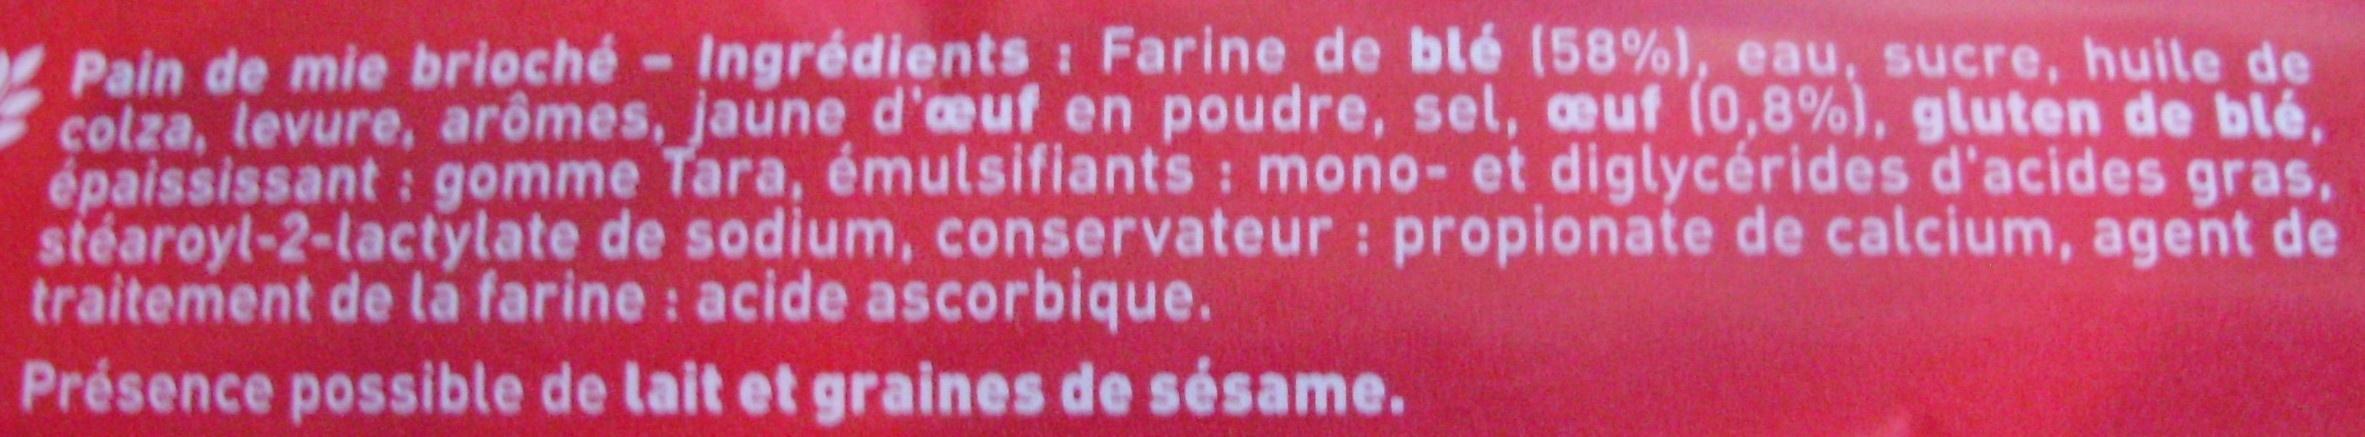 Les Toasts pour Foie Gras Brioché (2 + 1 Gratuit) - (3 x 36 Toasts) - Ingrediënten